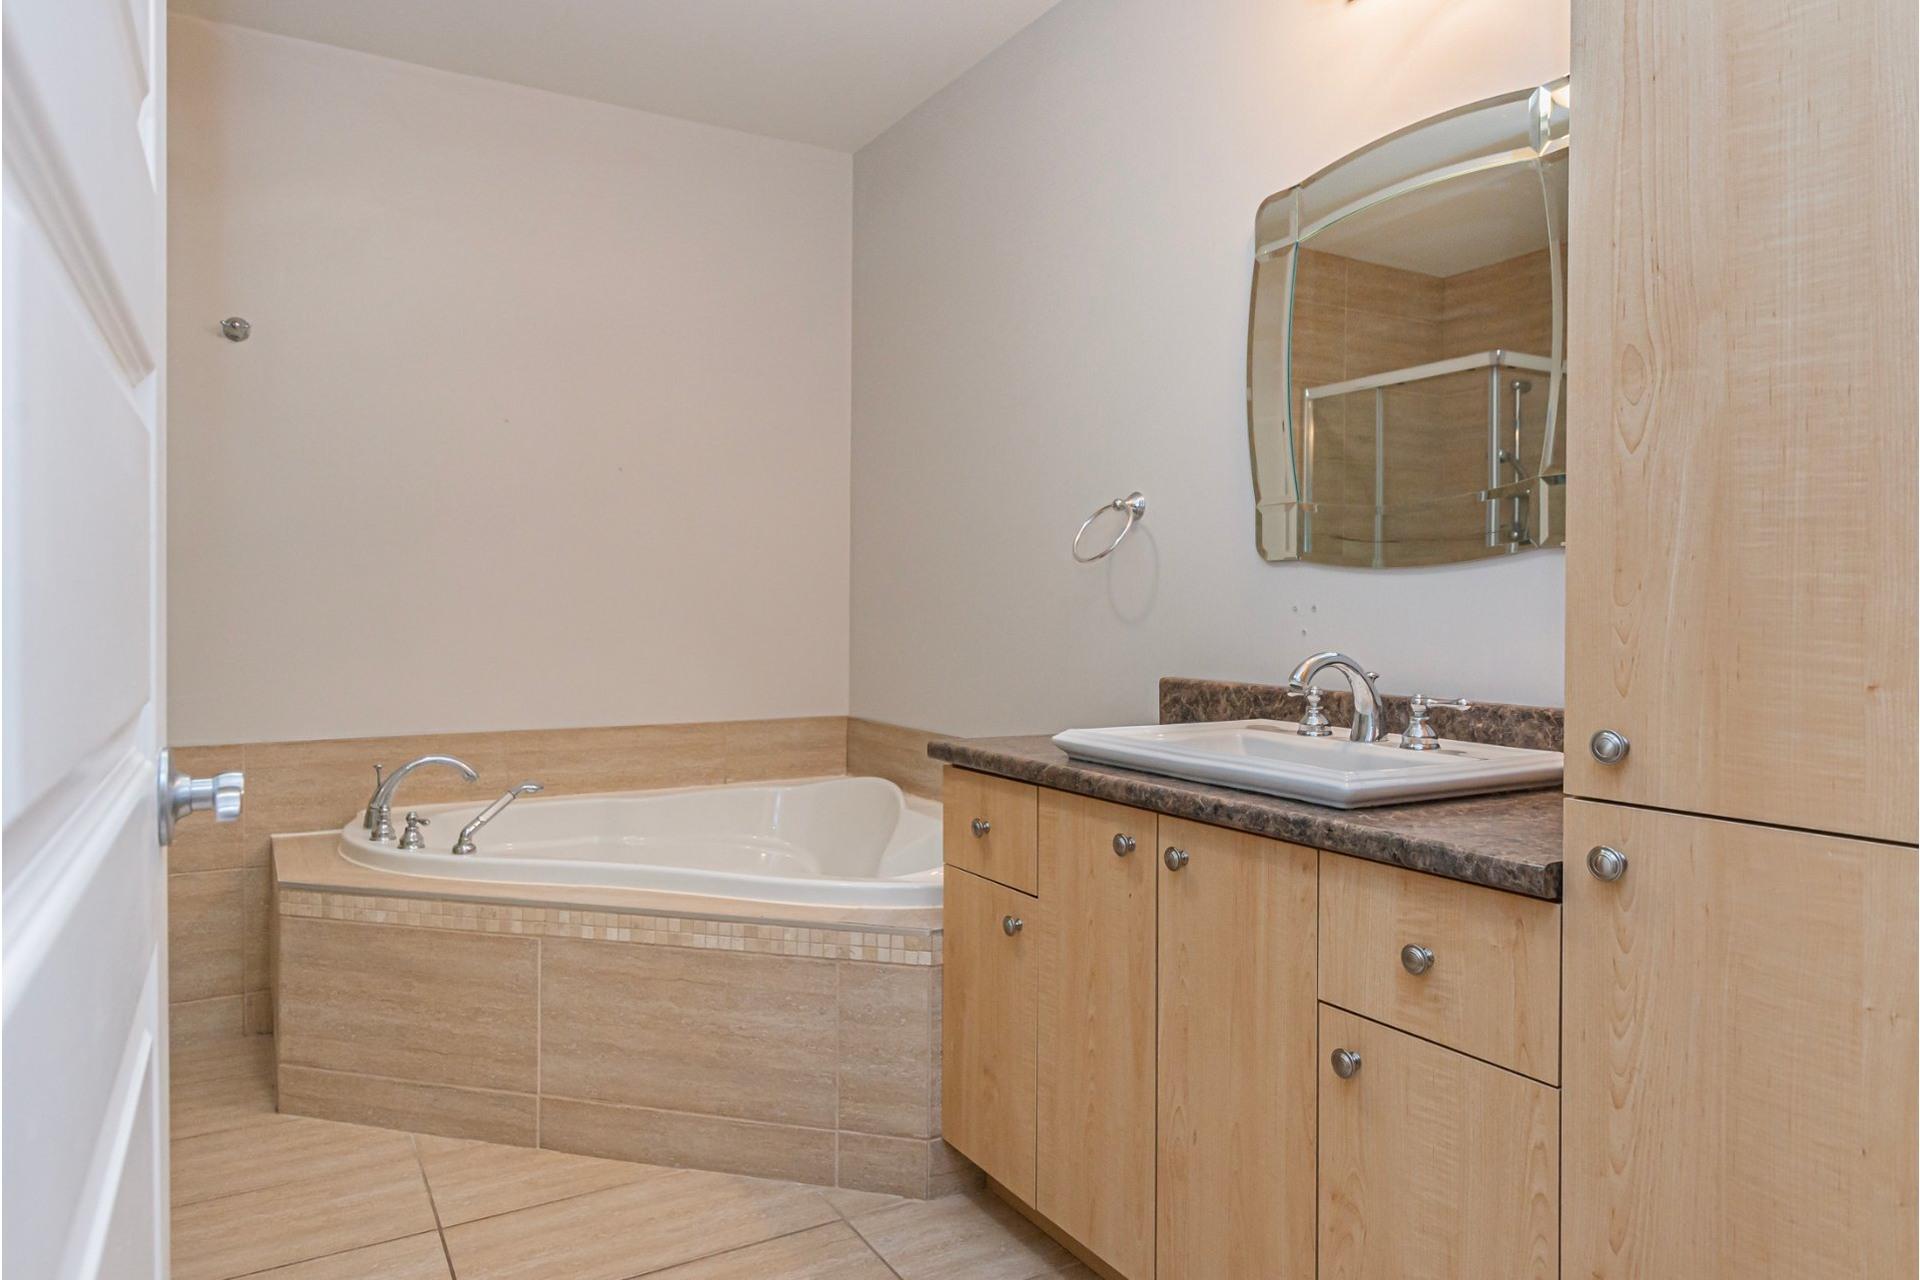 image 14 - Appartement À vendre Lachine Montréal  - 11 pièces